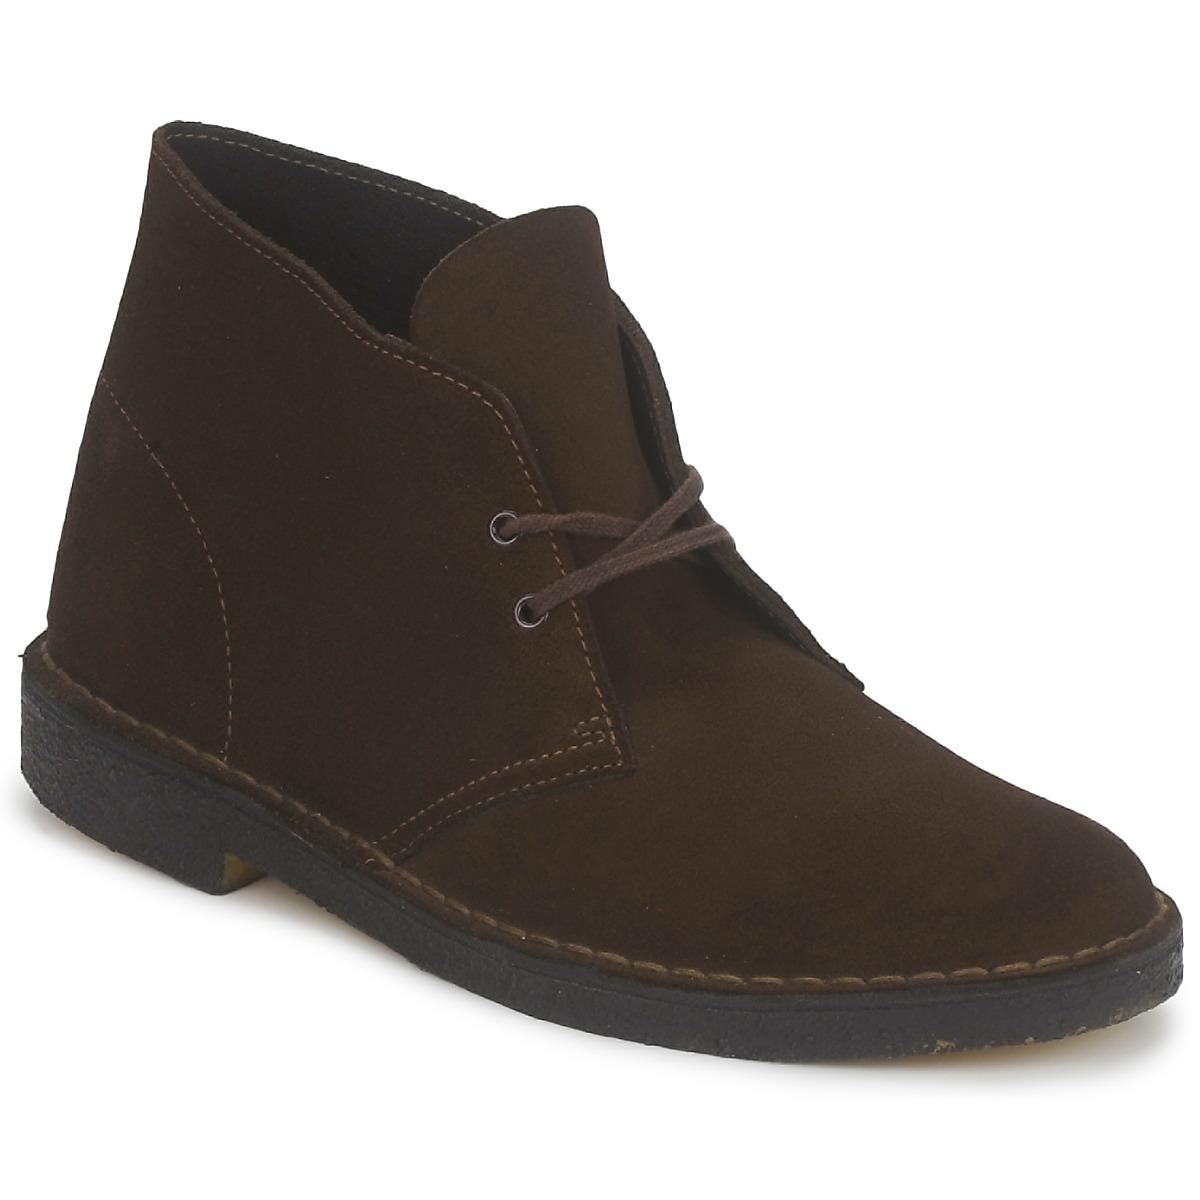 46440515a627 Chaussures Homme Boots Clarks DESERT BOOT Marron